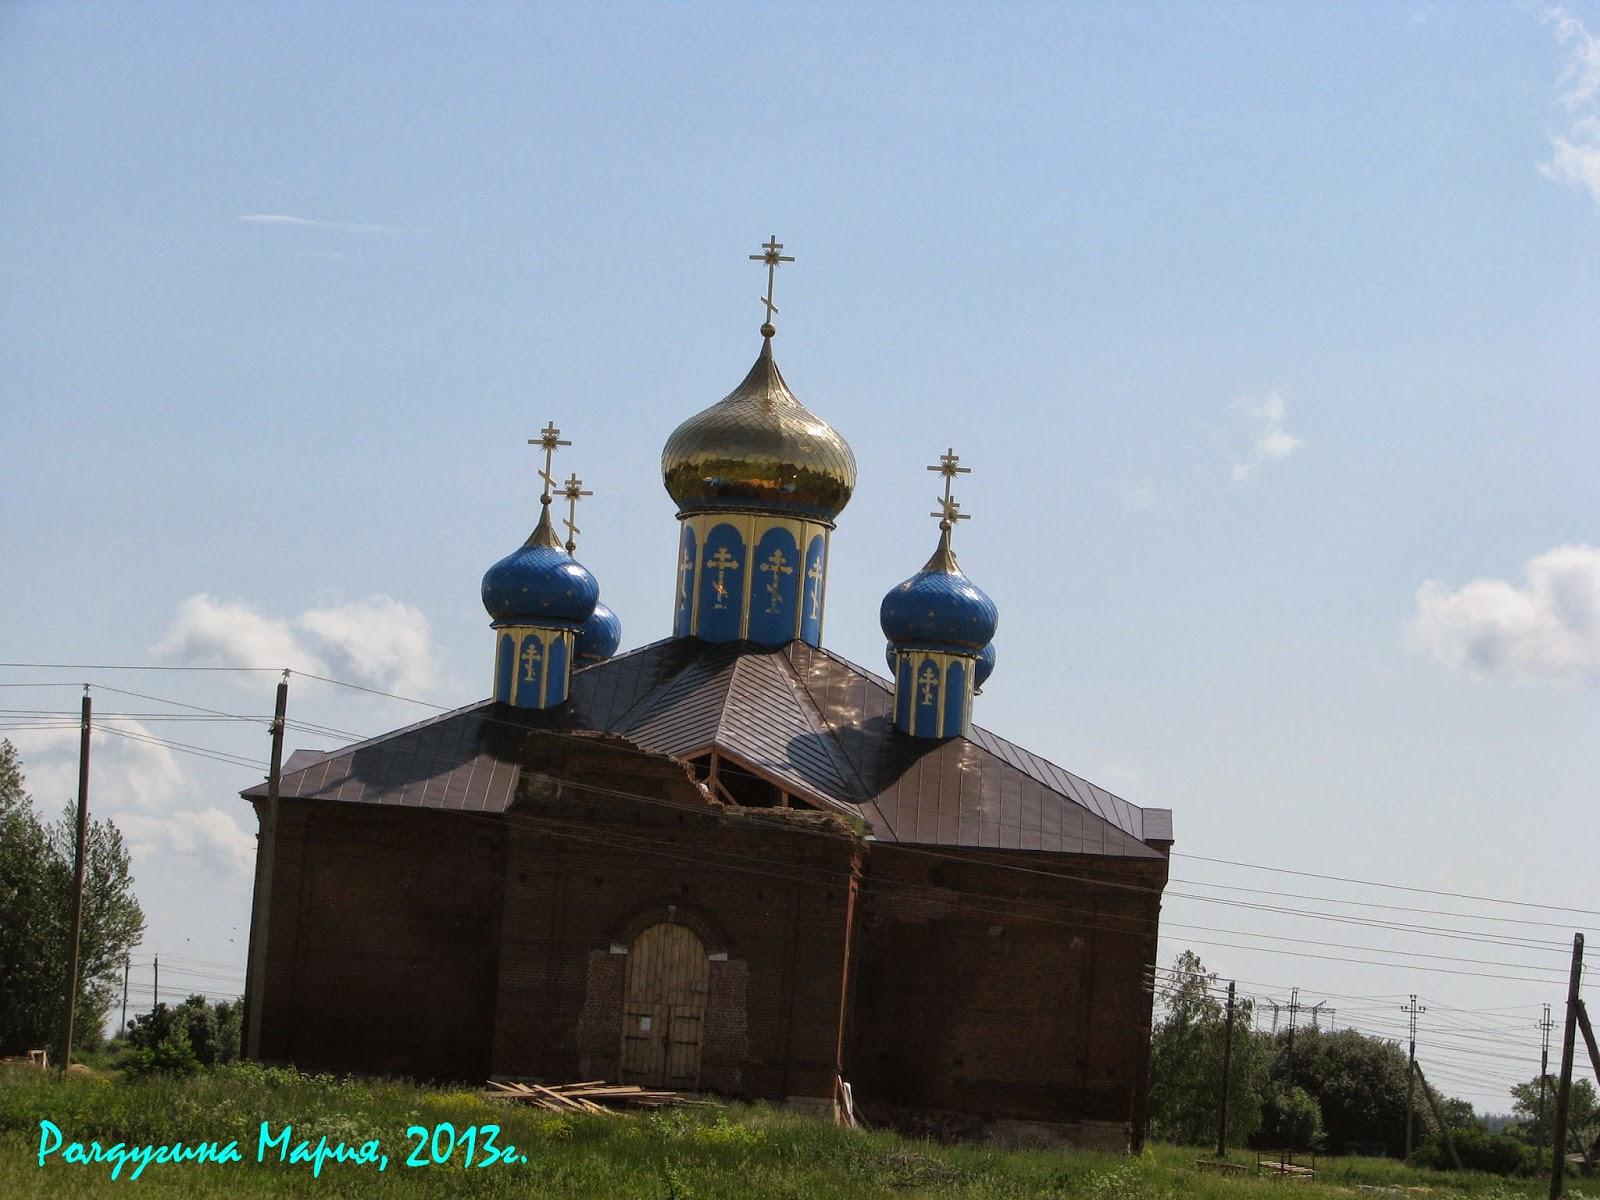 с.Яблонево, Кораблинский район, Рязанская область